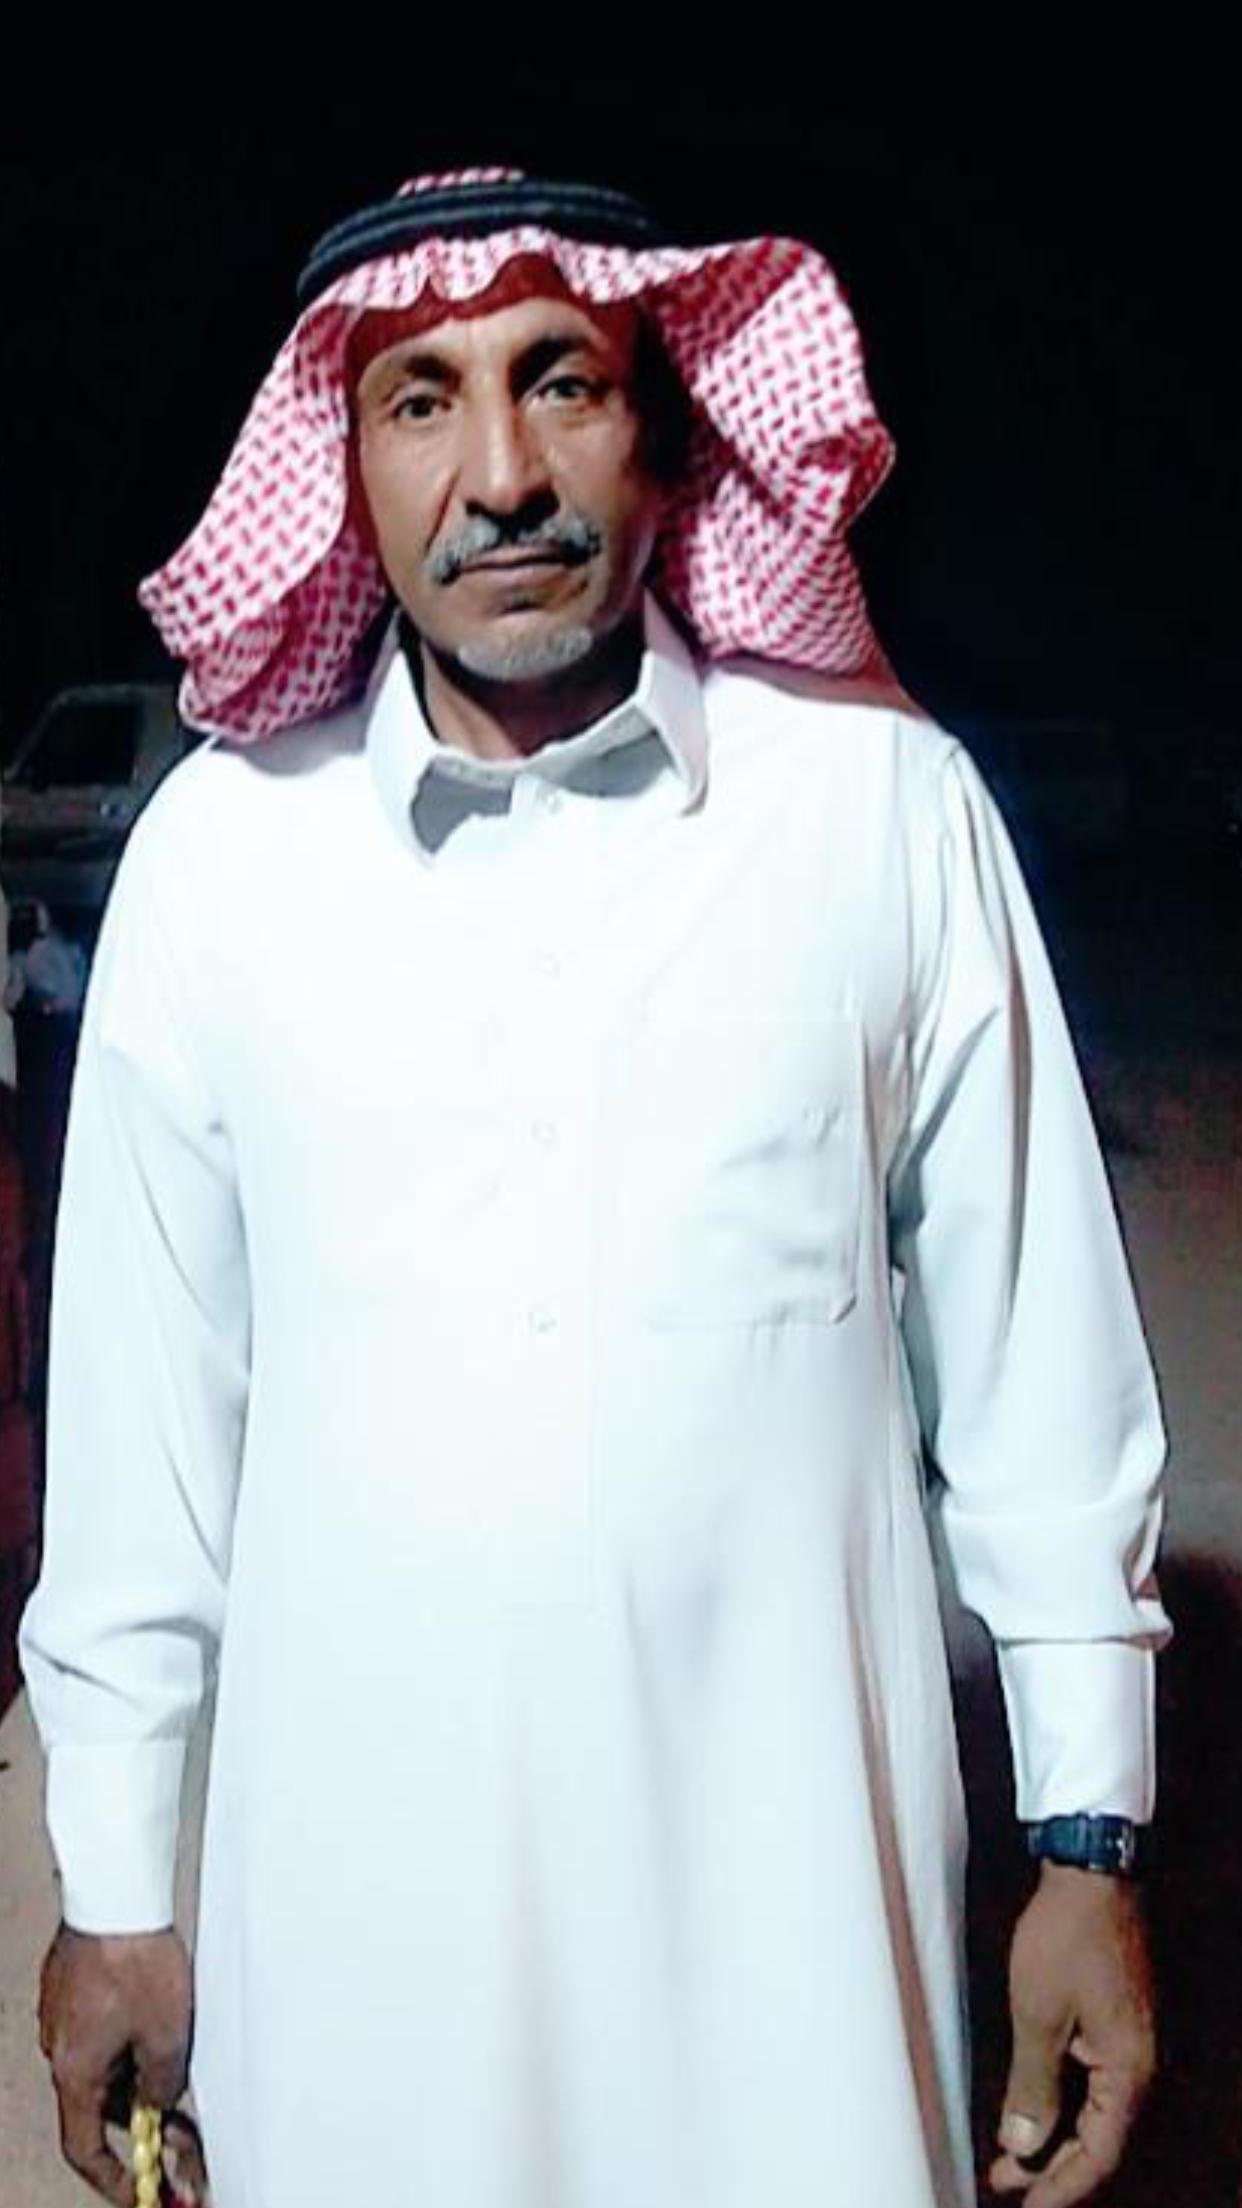 الشاب / حمدان فرج الجحم البلوي يحتفل بزواجه 084DAD36 CC81 4E65 A92C 81728D13D036